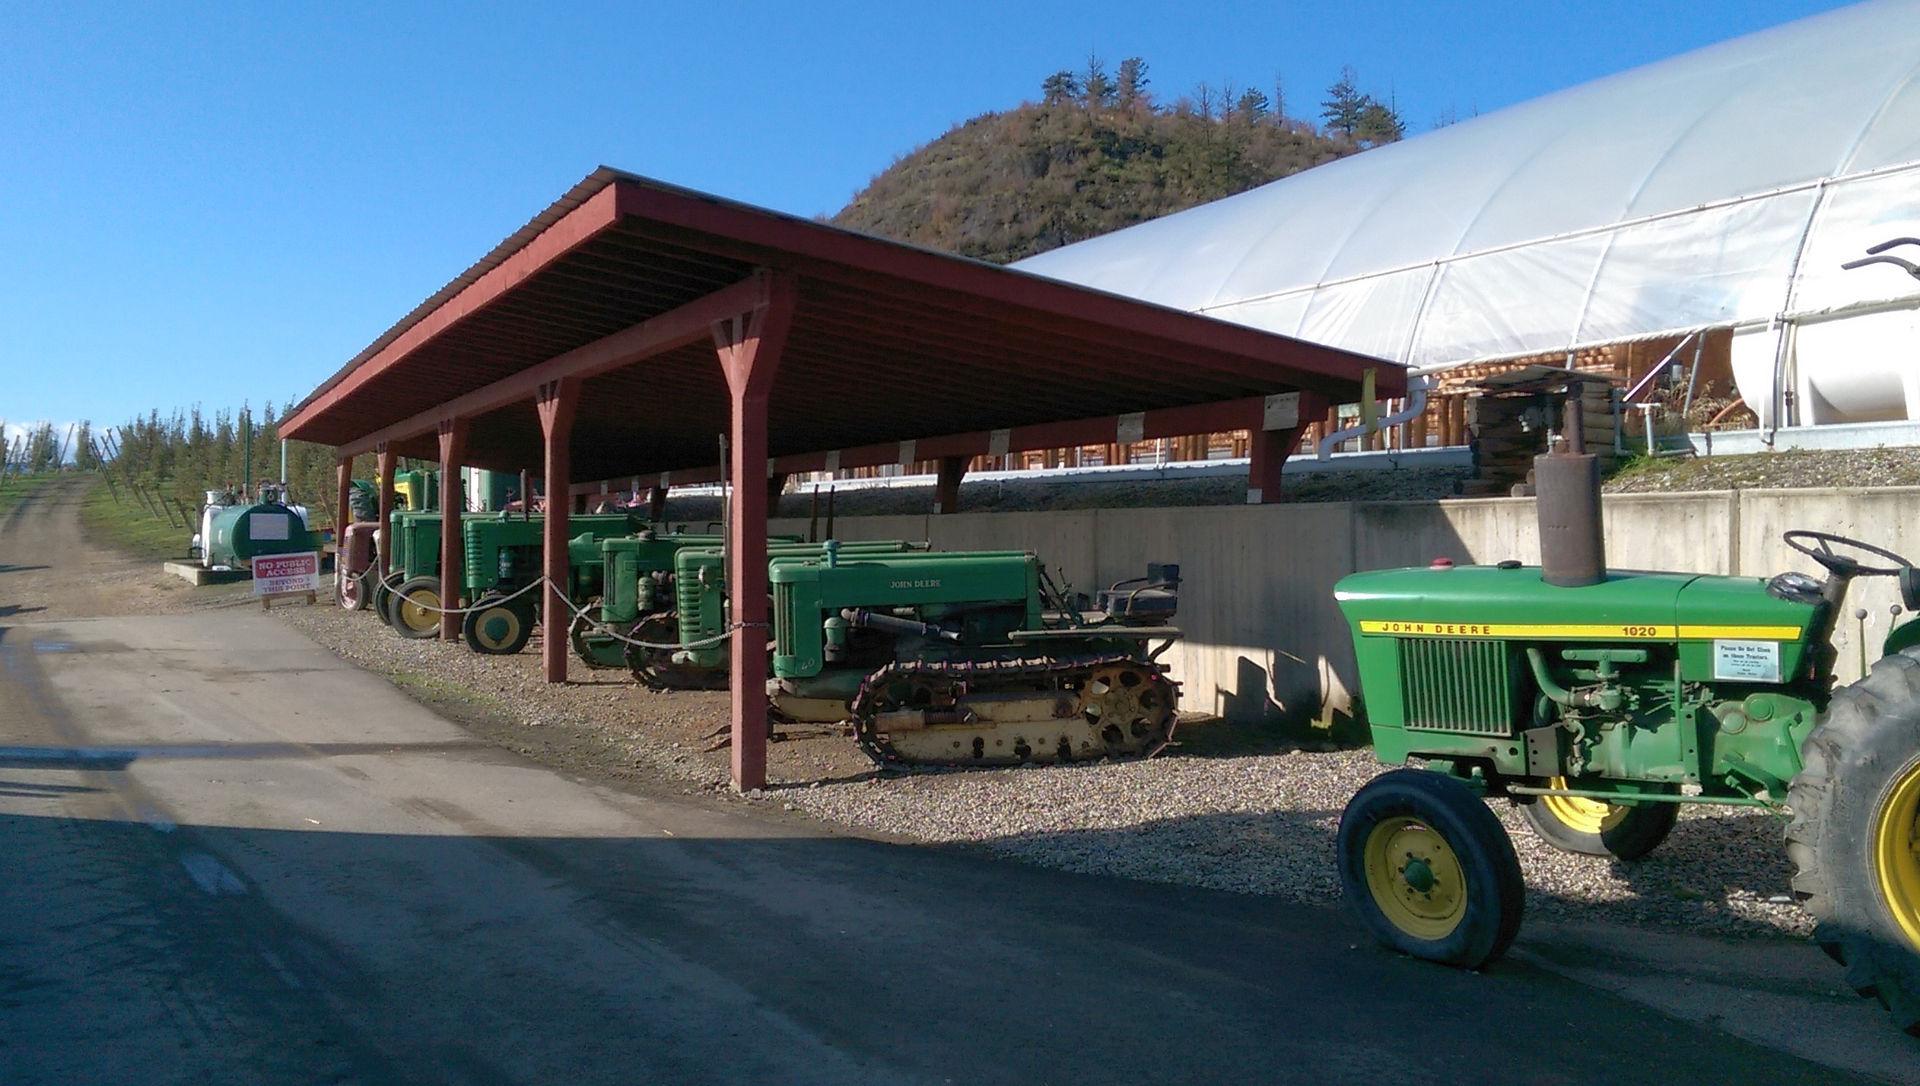 Antique John Deer Tractors